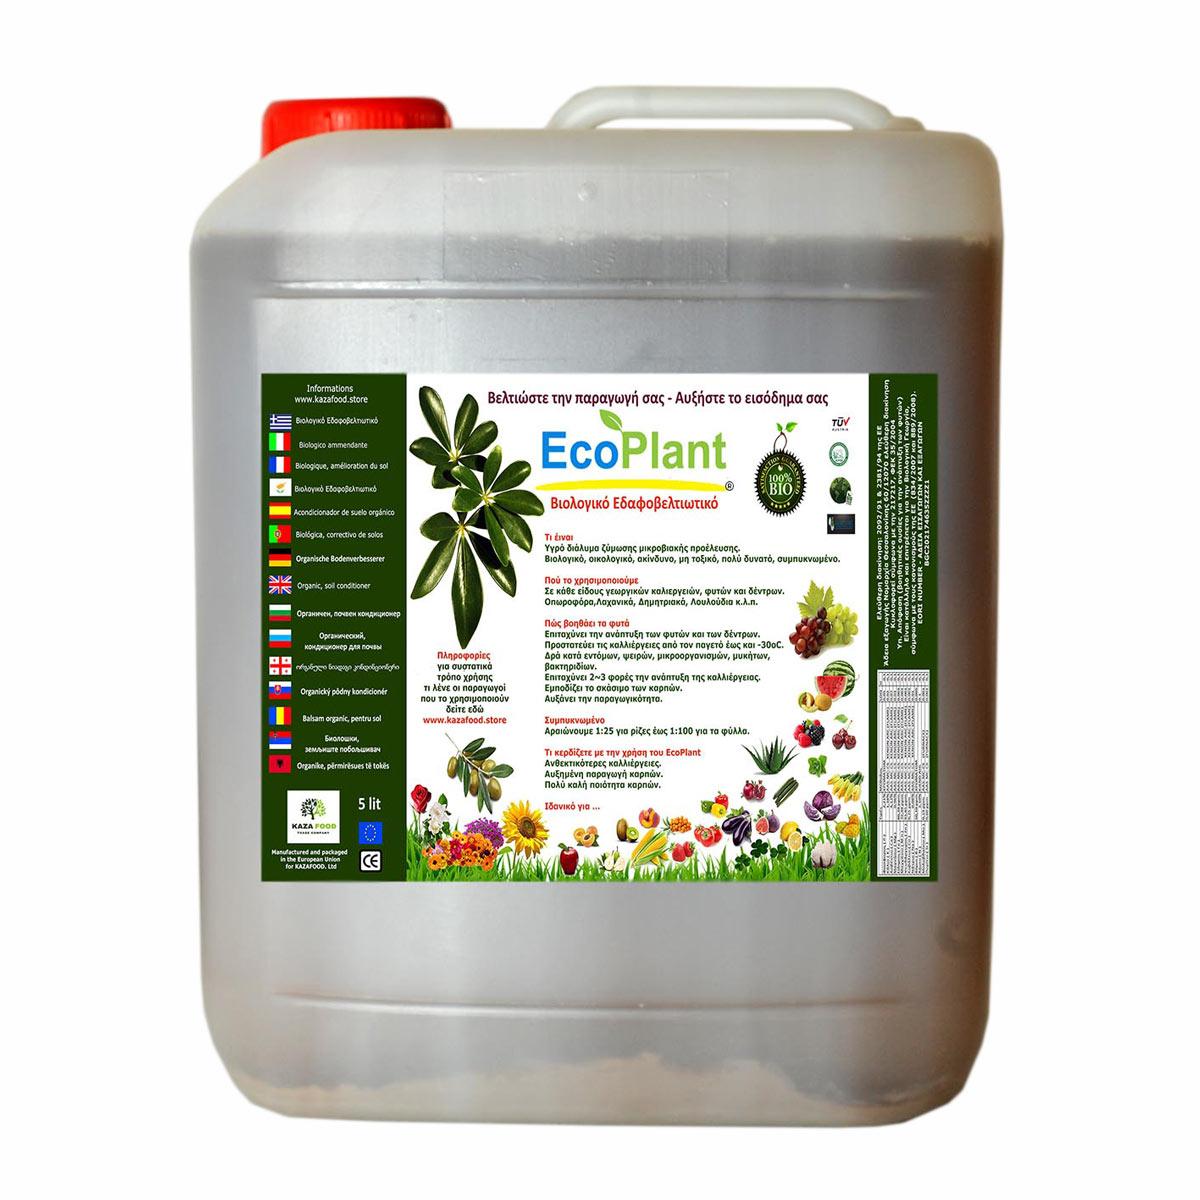 EcoPlant® – Βιολογικό βελτιωτικό